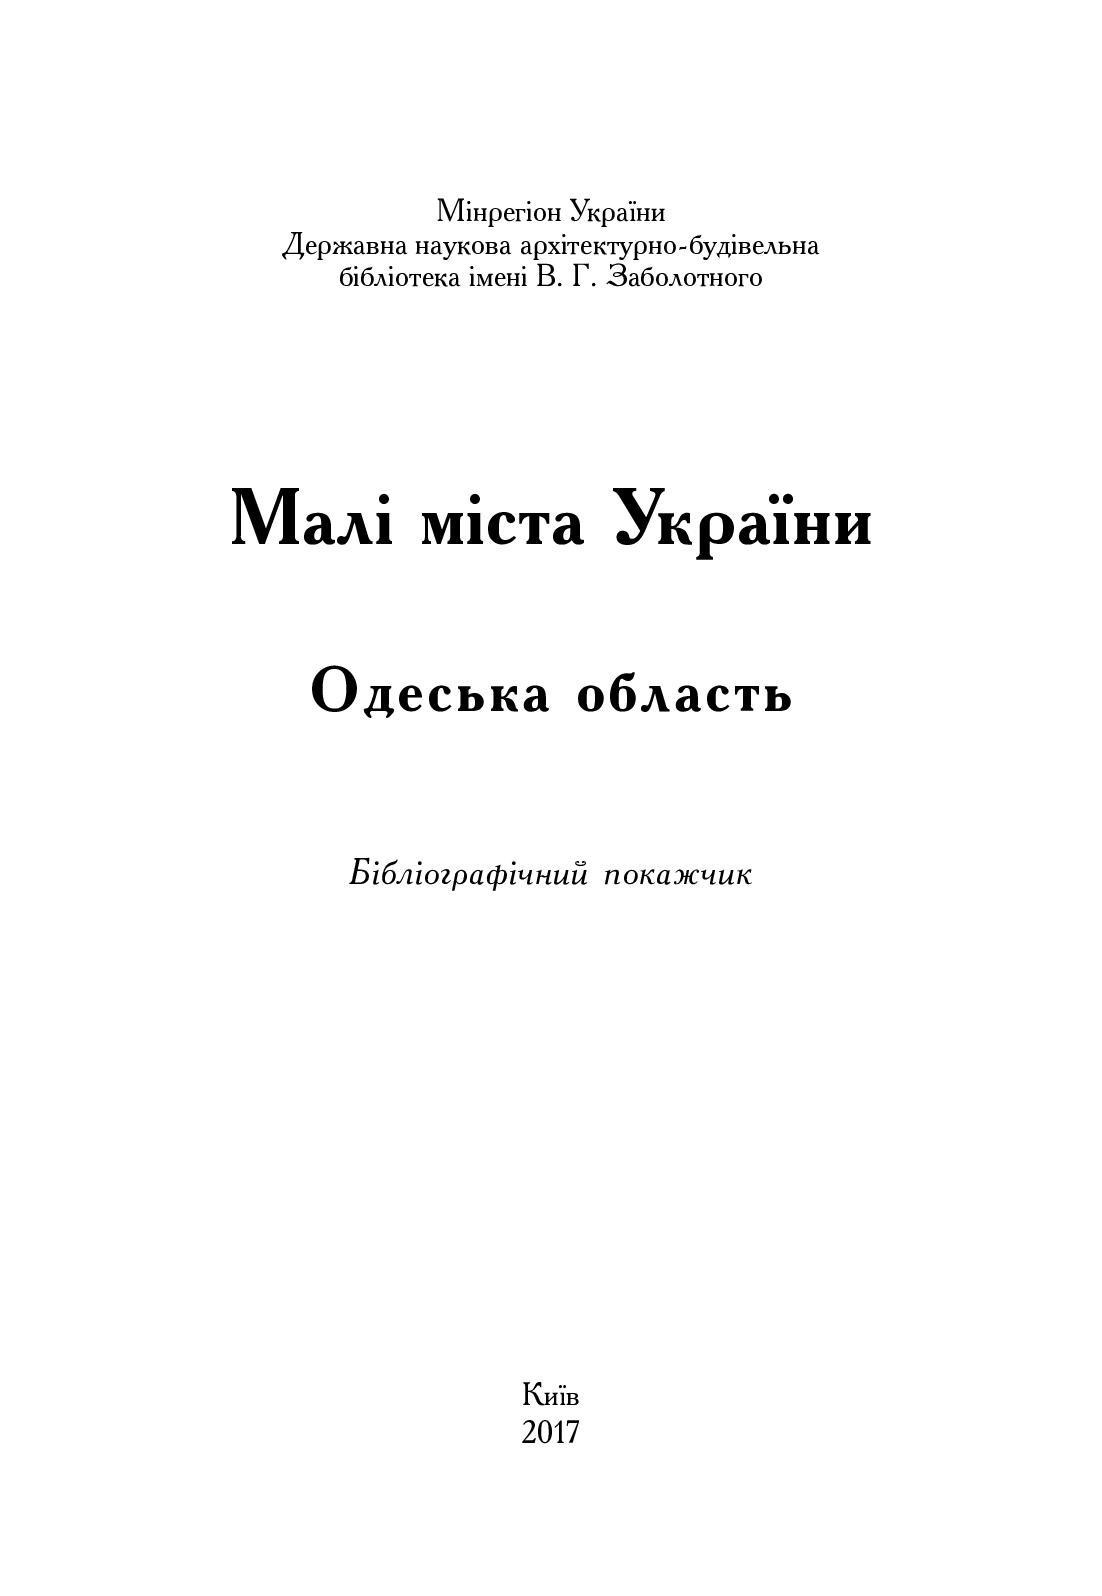 Одеська область 30 06 2017